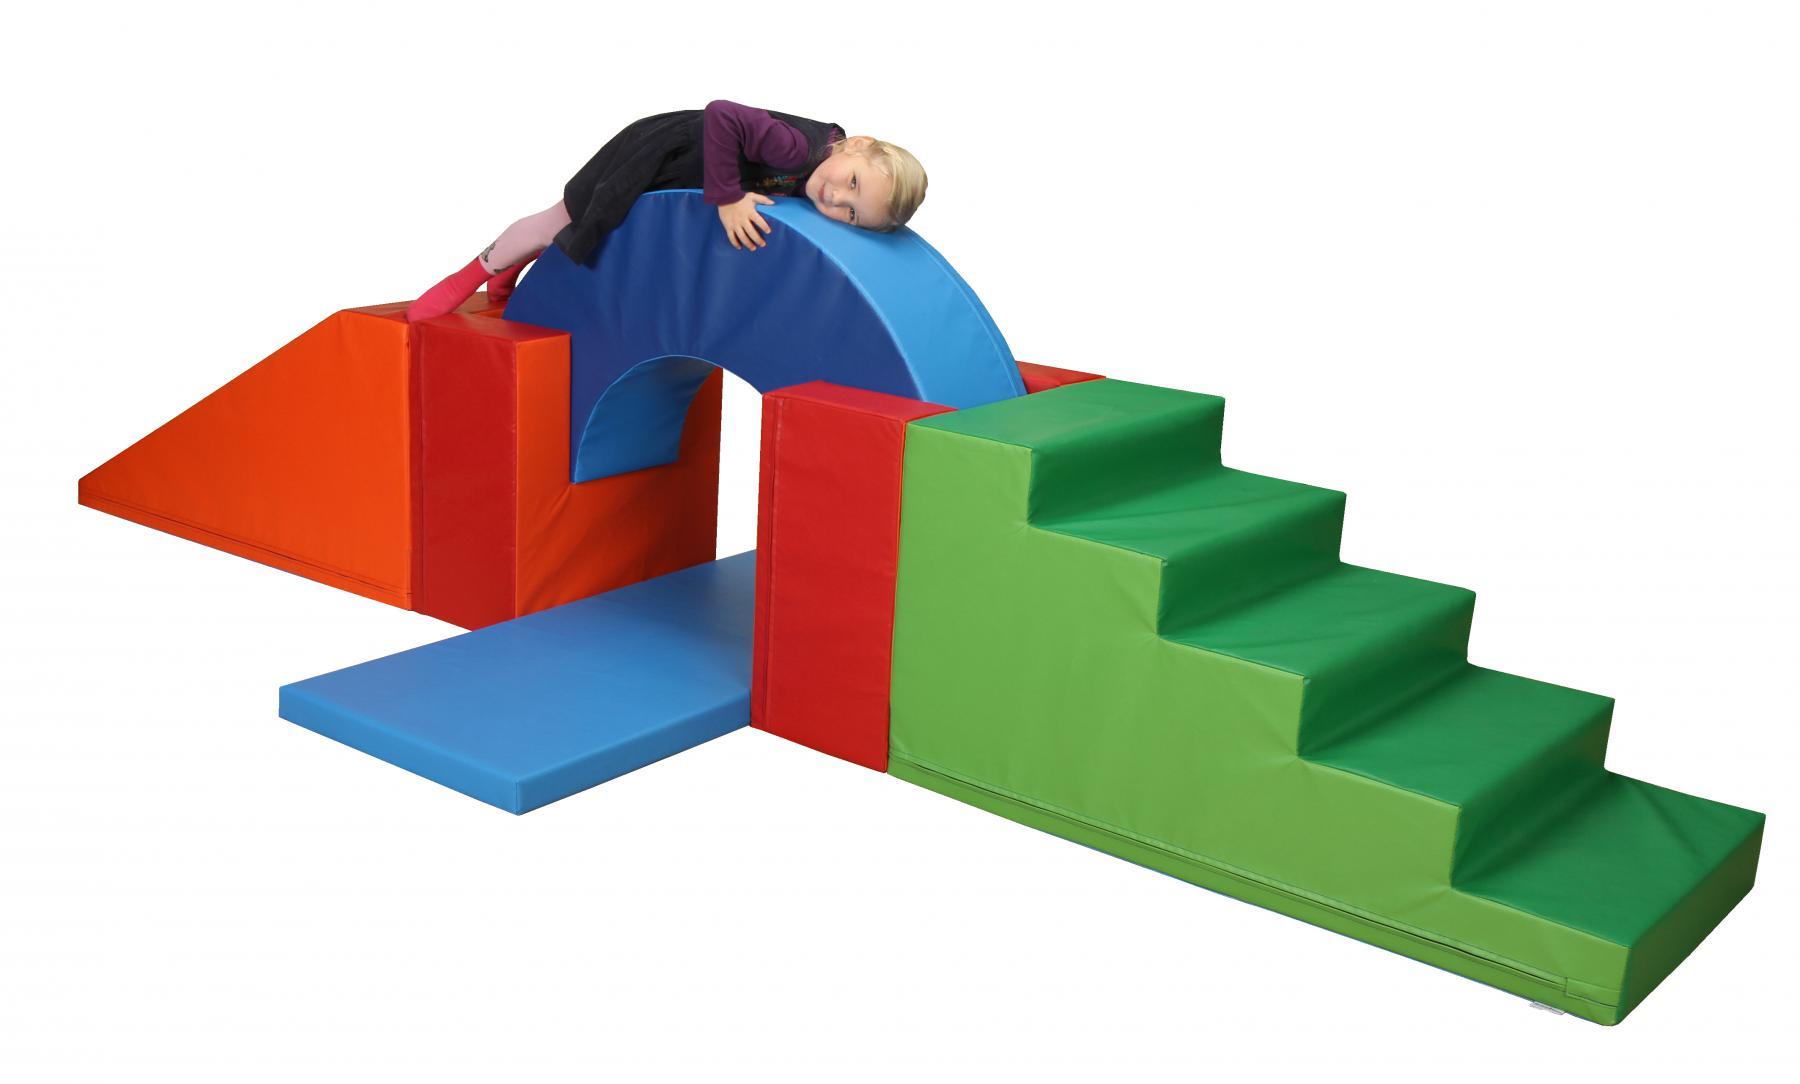 Schaumstoff Bausteine Kinderzimmer : b nfer softbausteine baumodul 6 tlg bausteine ~ Watch28wear.com Haus und Dekorationen